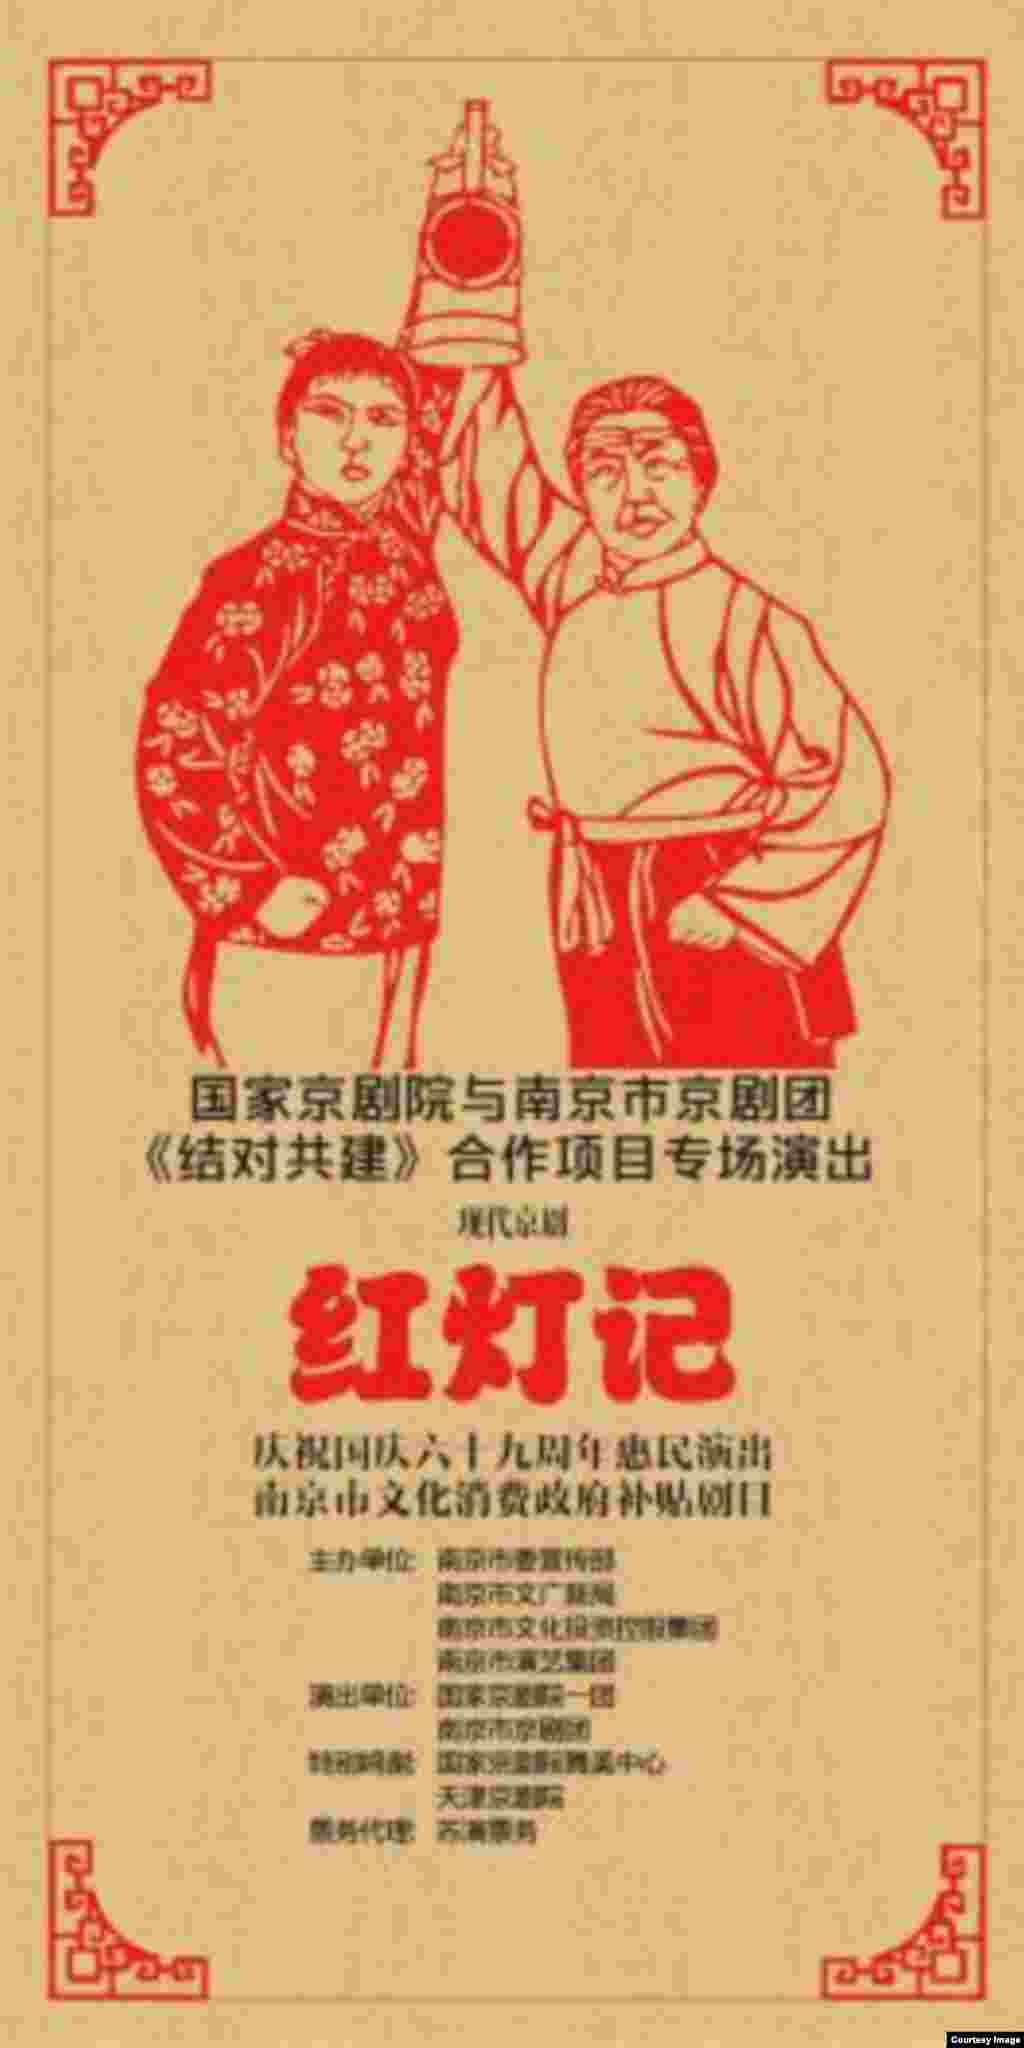 """中国红色样板戏《红灯记》在南京上演的海报。这个现代京剧2018年10月4日在紫金大剧院演出,演员大多是""""80后""""、""""90后"""",可谓""""青春版红灯记""""。在文革时期扮演《红灯记》女主角的刘长瑜担任2018年复排《红灯记》的艺术指导。《红灯记》和易卜生的话剧《人民公敌》在南京的命运形成对比。德国邵宾纳剧团原订于2018年9月13、14日在南京江苏大剧院演出《人民公敌》,但被临时取消。官方的解释是""""舞台技术原因"""",但真正原因显然和该剧在北京的互动风波有关。详见本网图集 《文娱体育:两京名剧风波,美国达人秀华裔冠军,中国长跑,卓别林和""""卓别林""""…… 》。"""